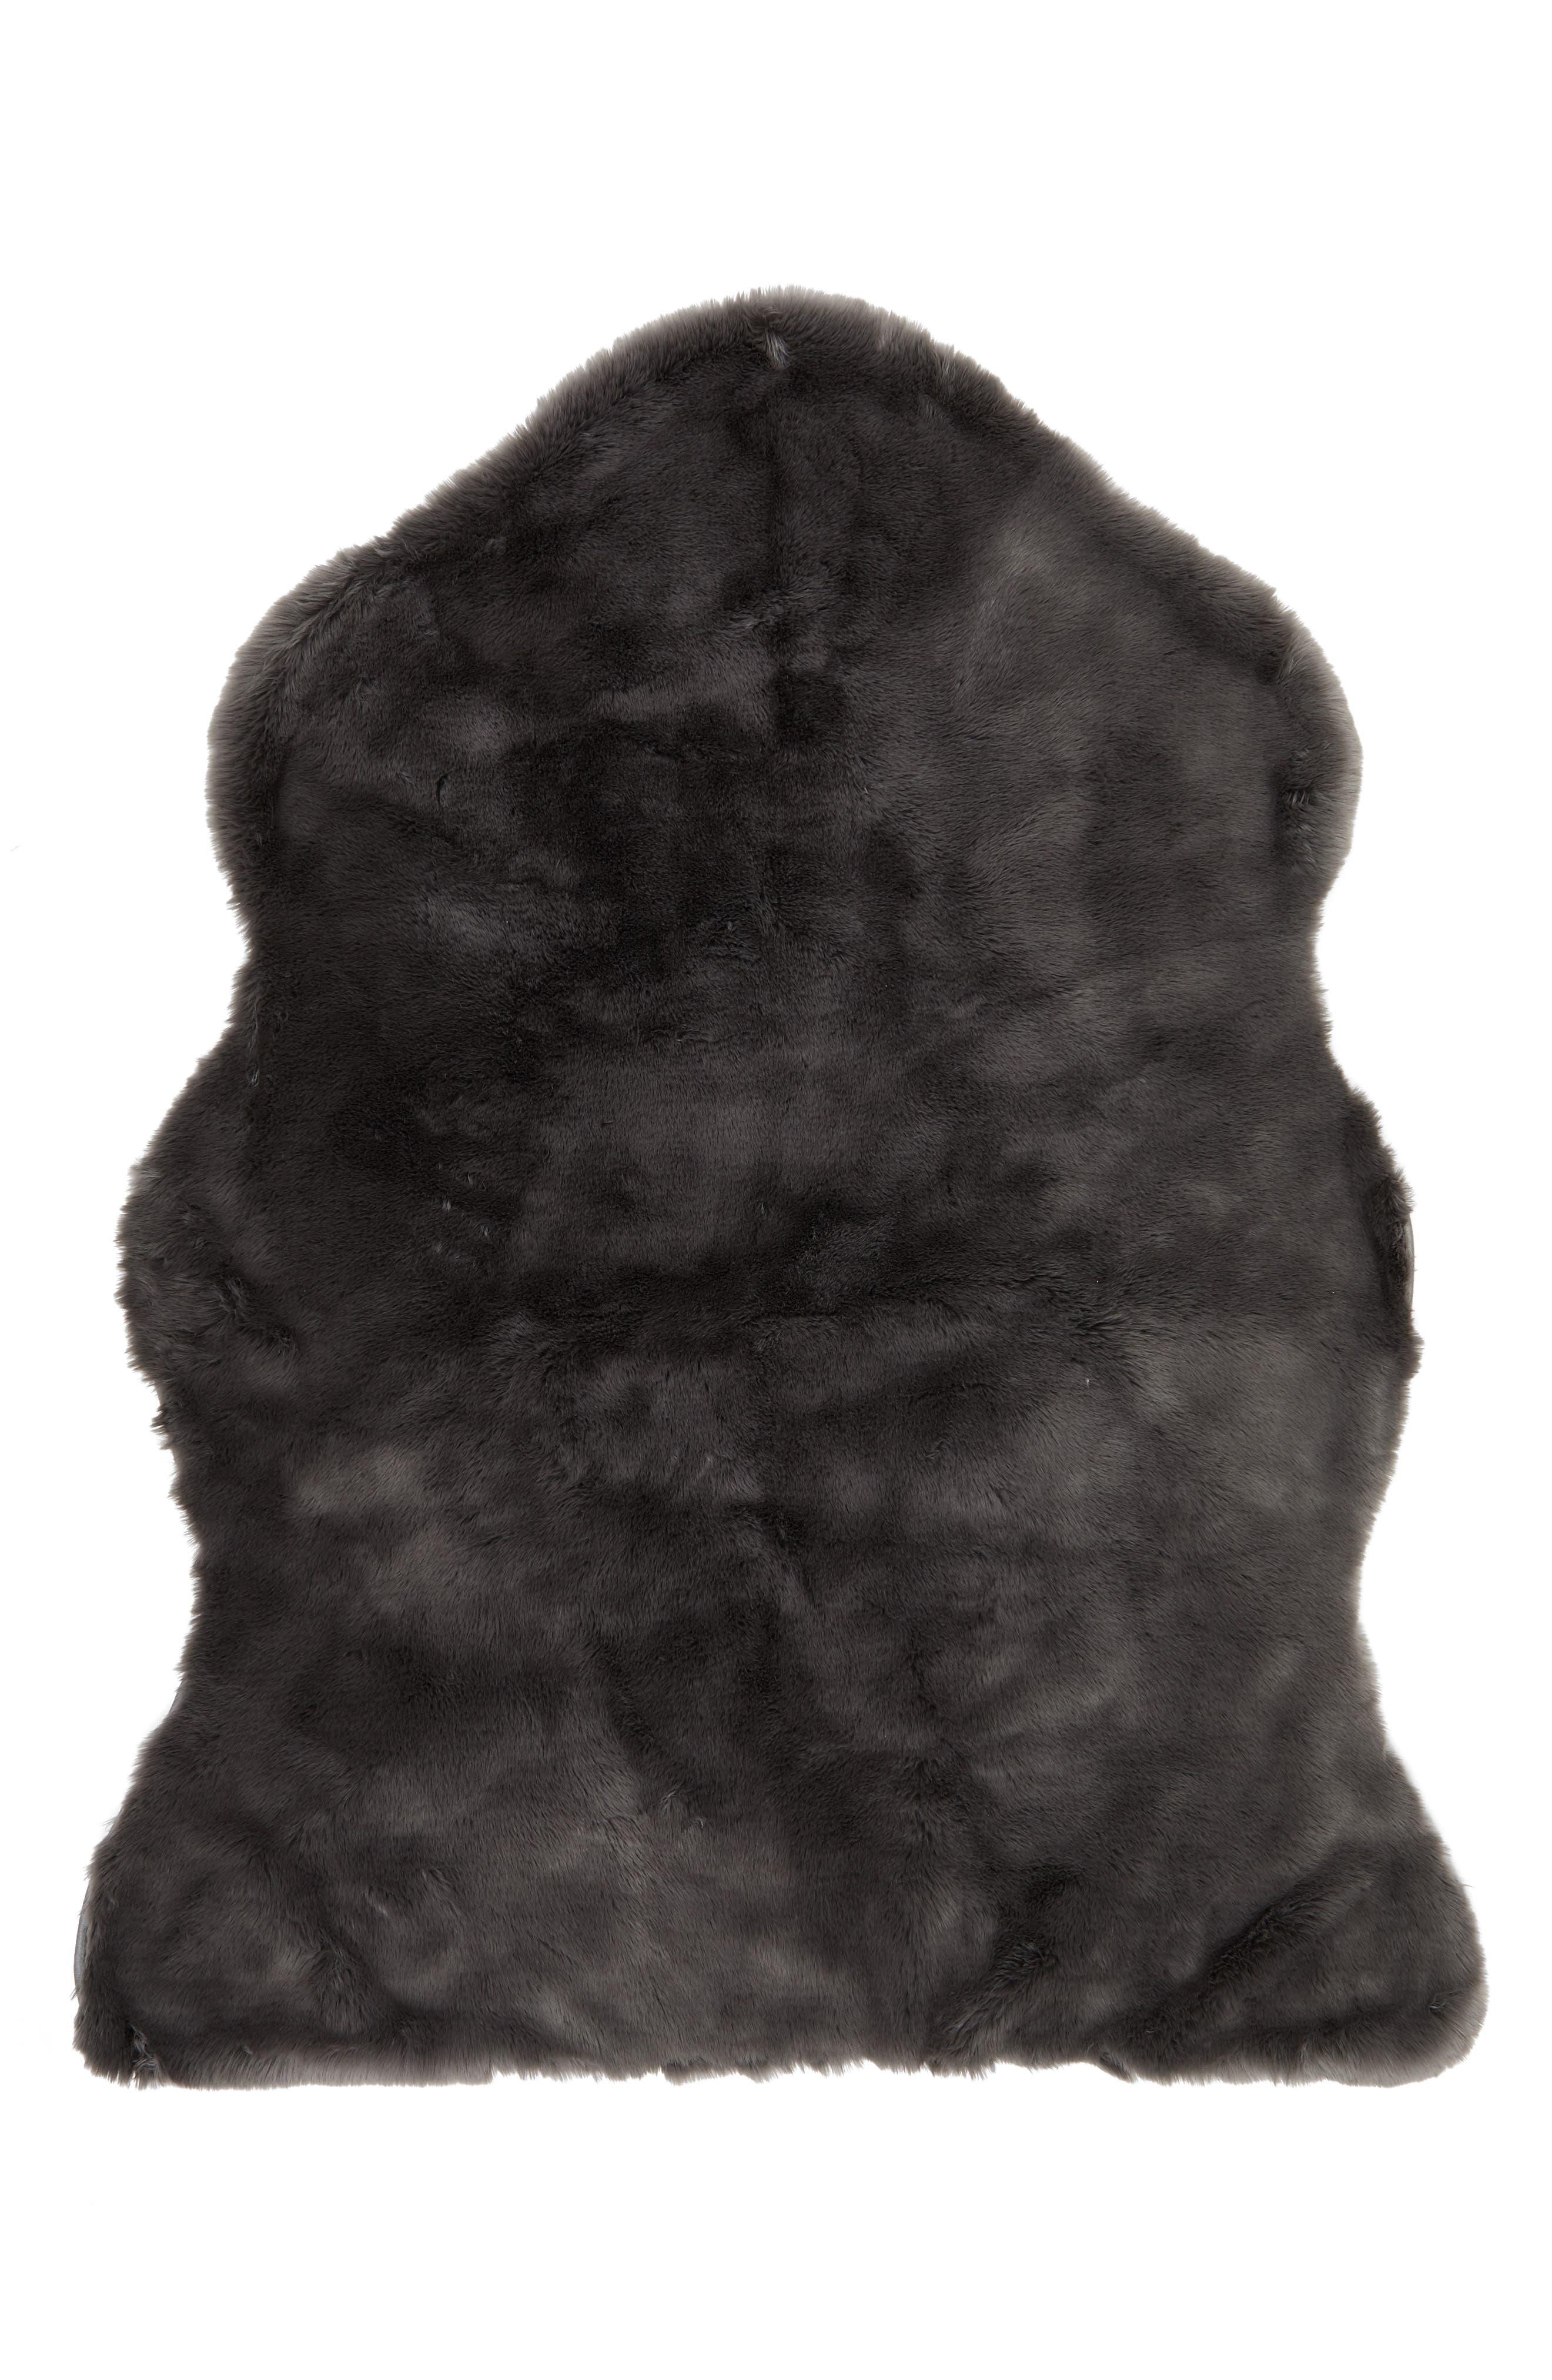 Cuddle Up Faux Fur Shaped Rug,                         Main,                         color, GREY ASPHALT